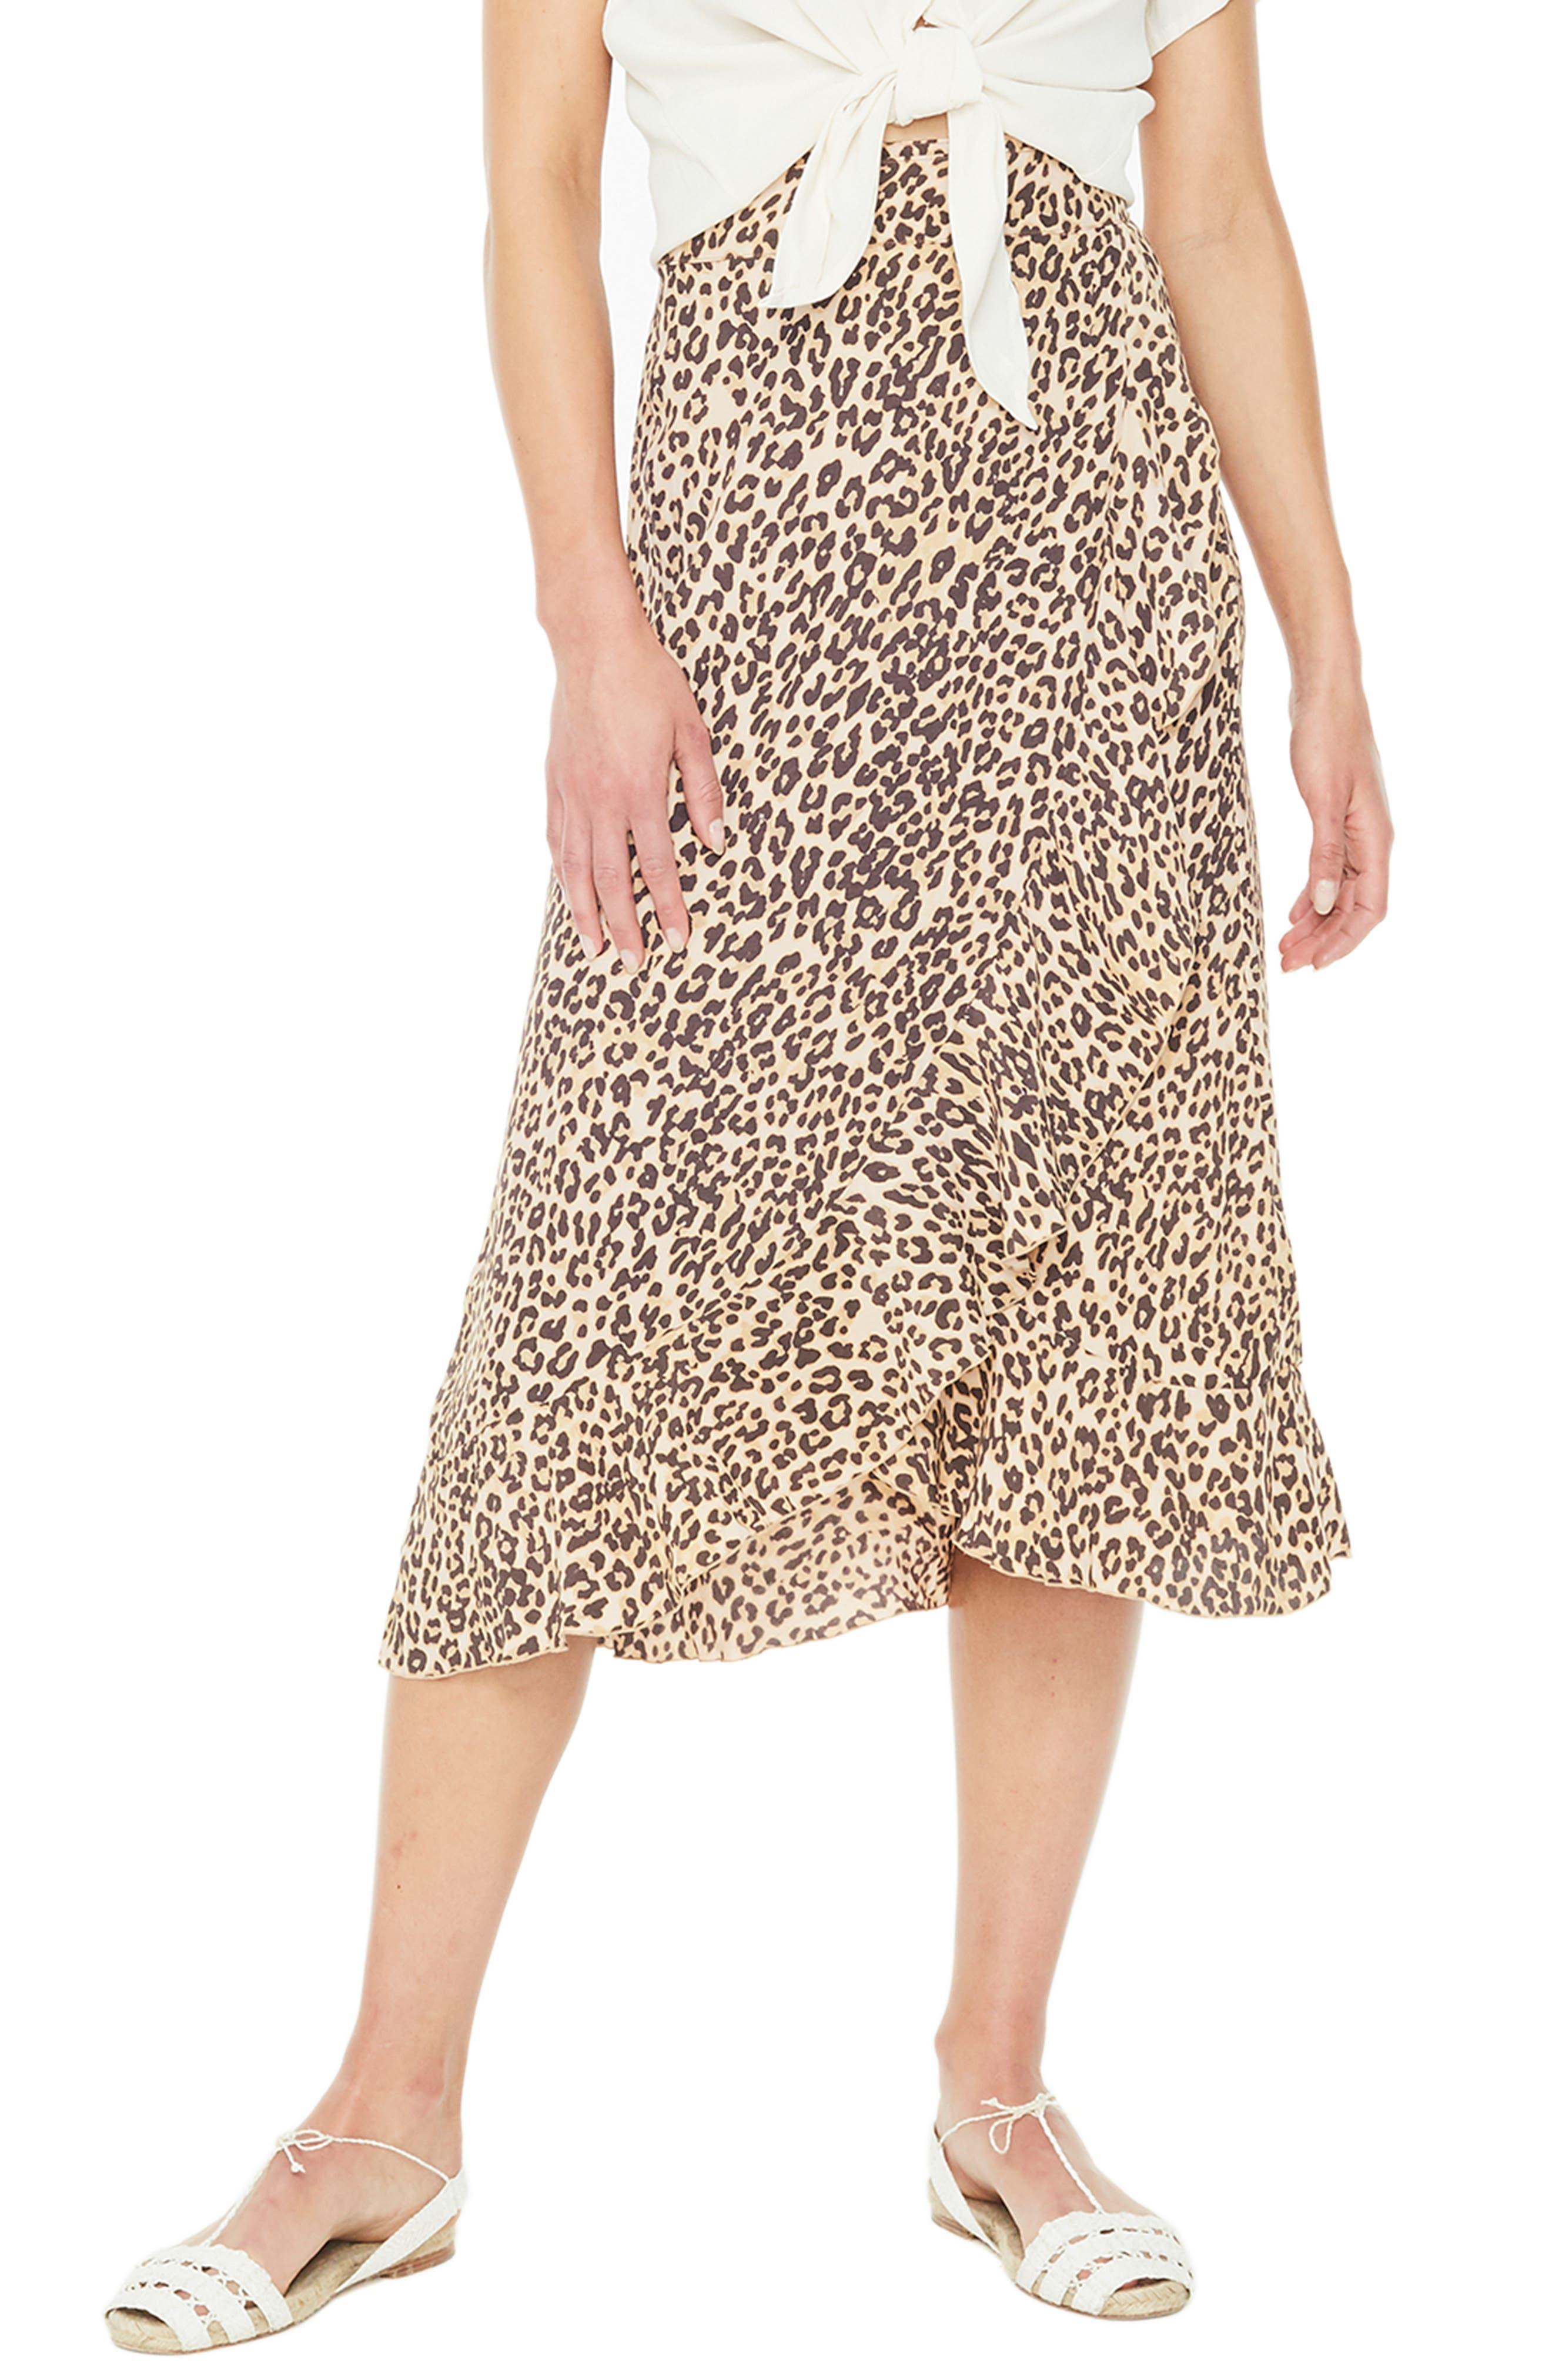 Celeste Leopard Print Wrap Skirt